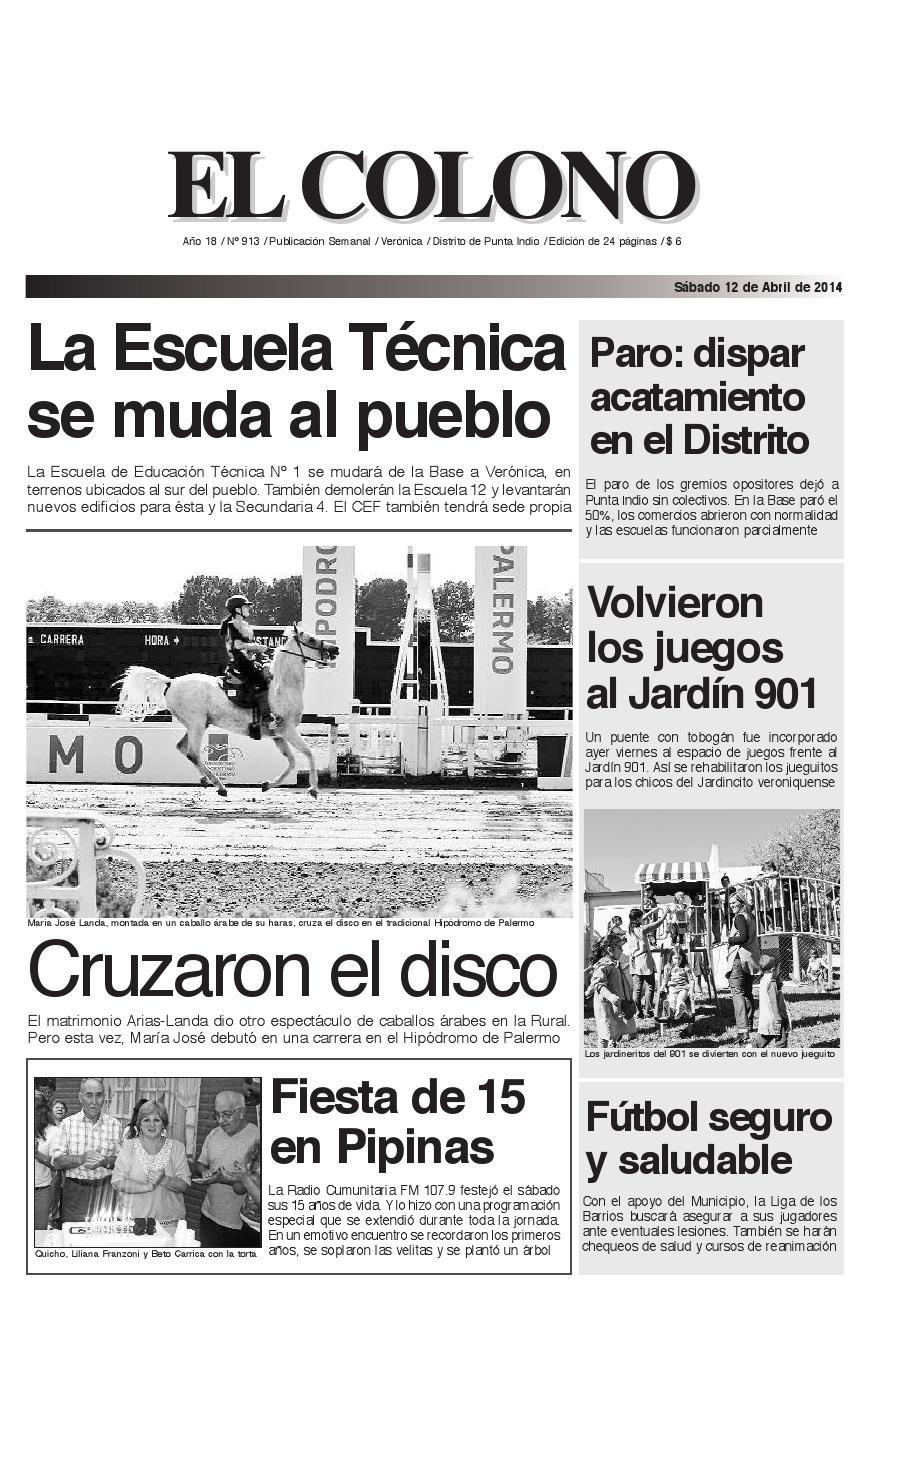 el-colono-12-04-14-de-24_el-colono-25-7-09-en-24 by El Colono de ...